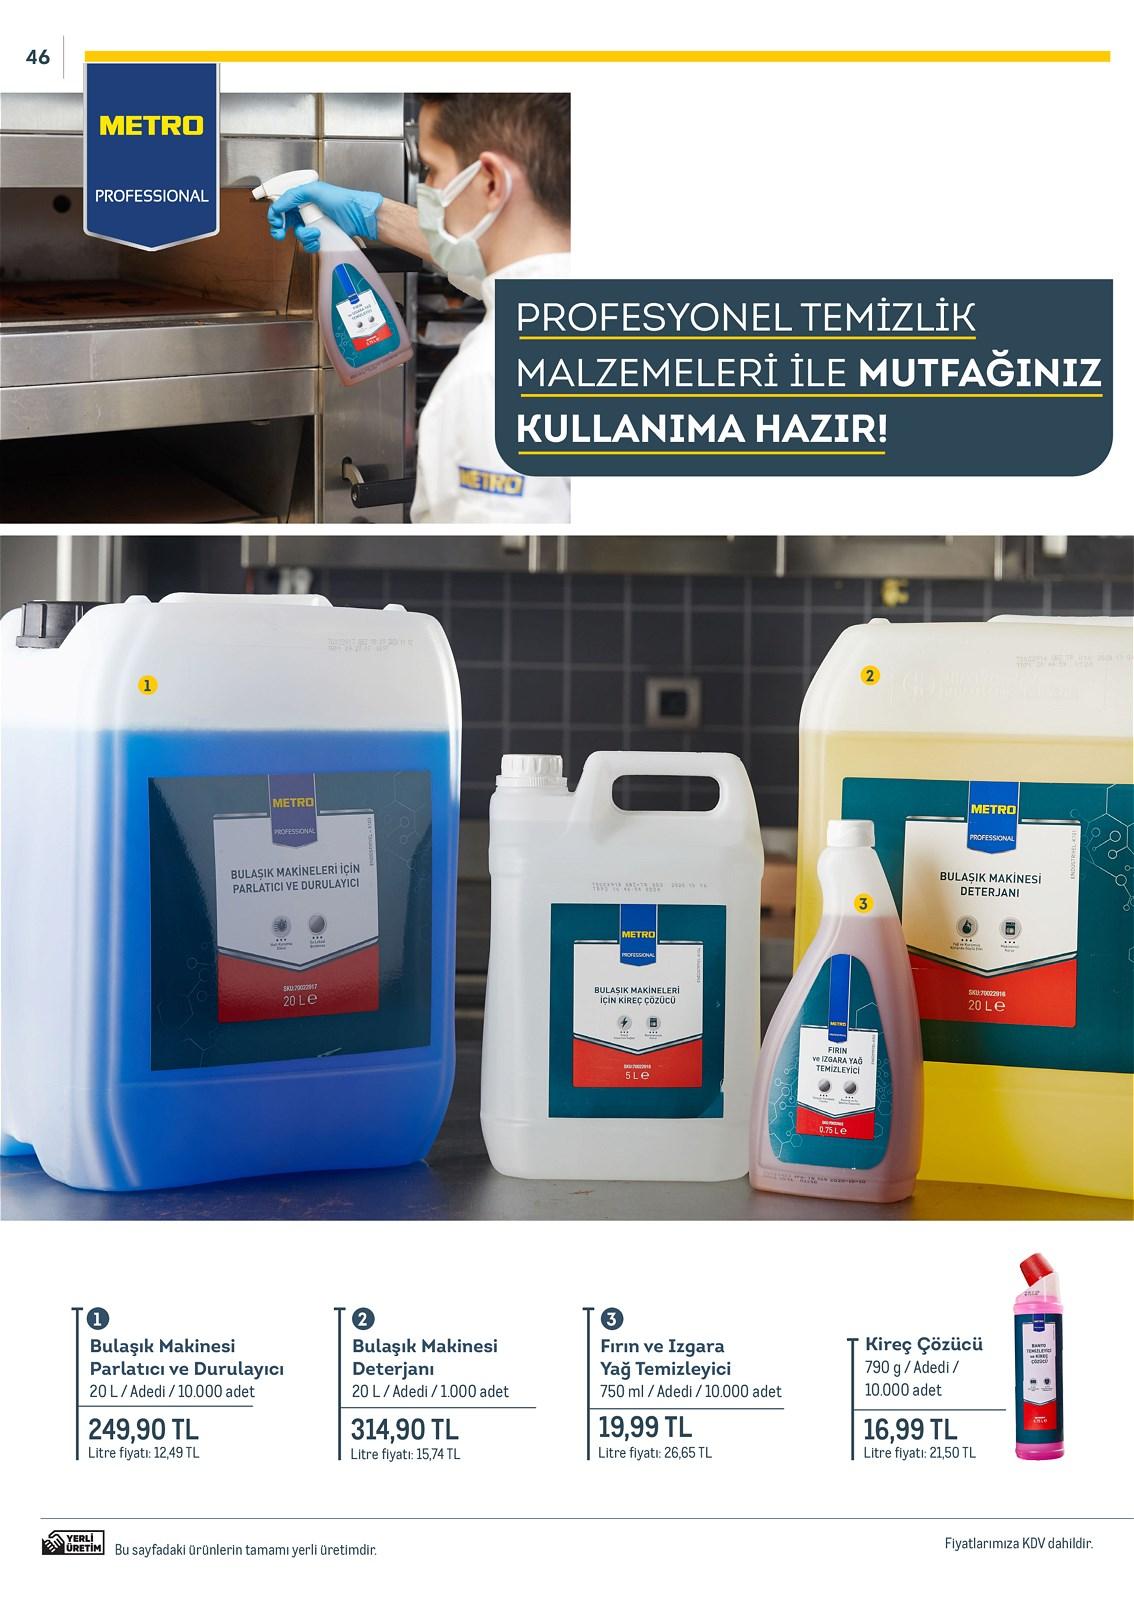 24.05.2021 Metro broşürü 46. sayfa